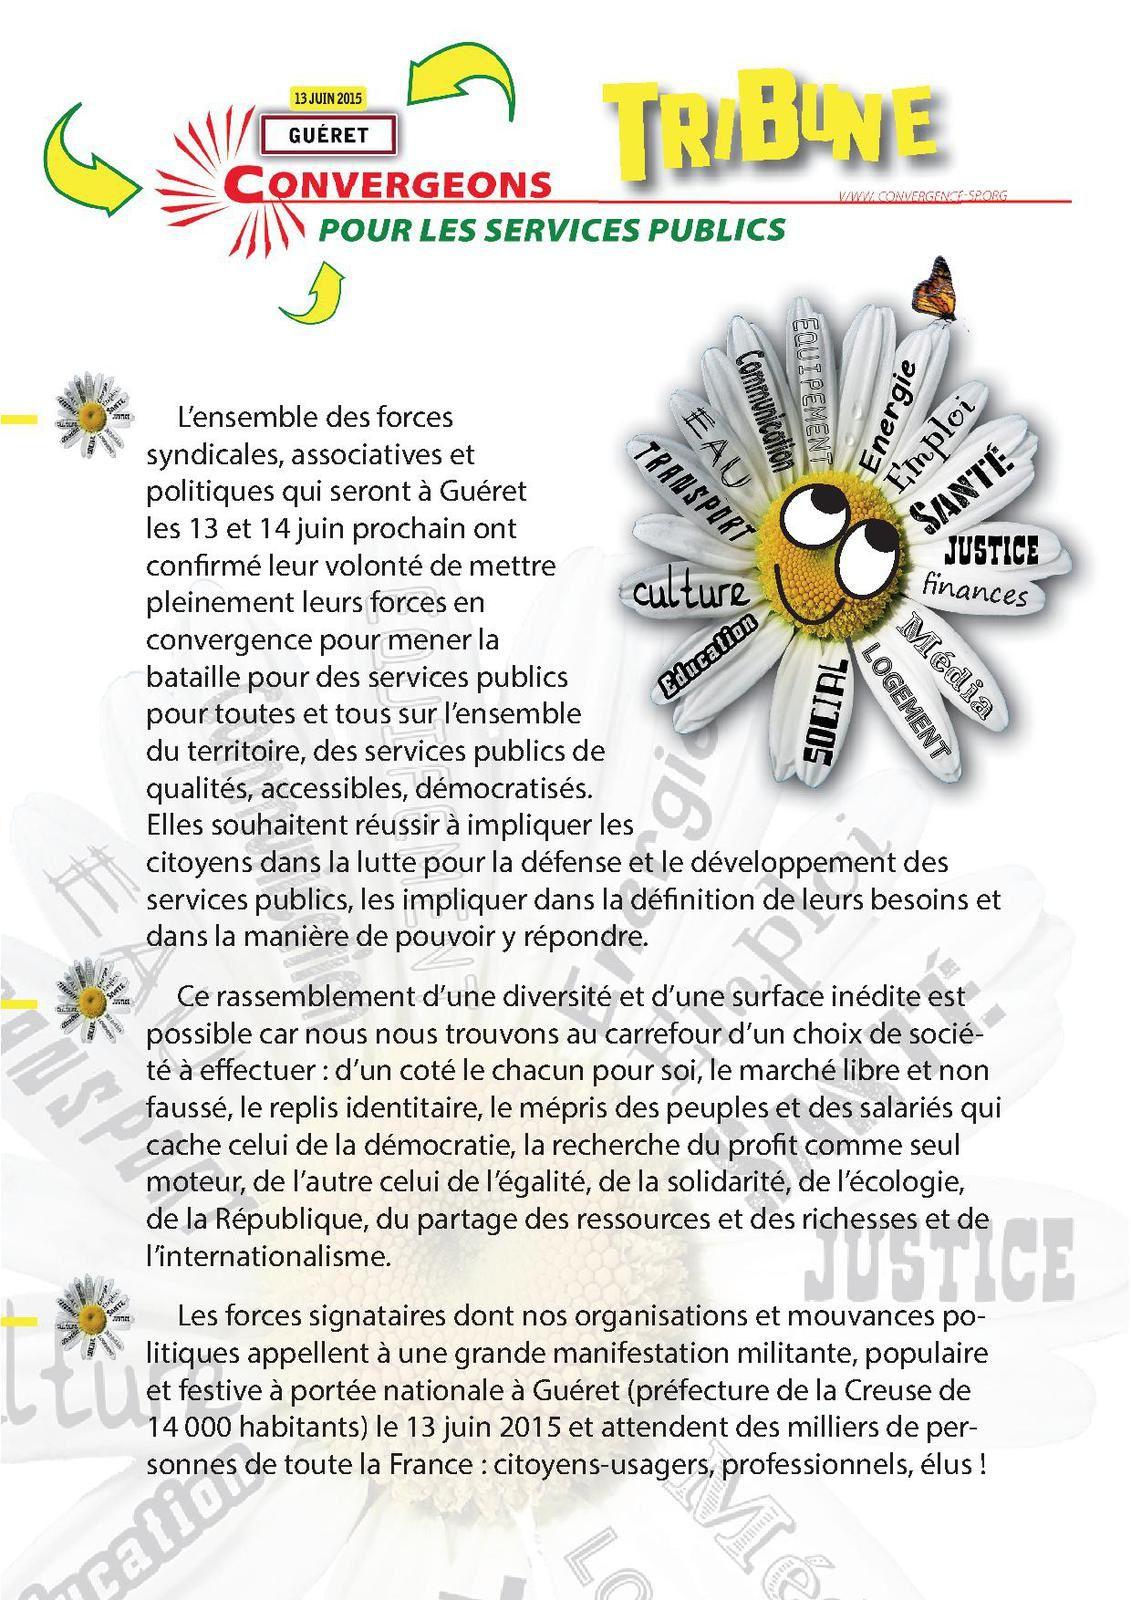 Le service public est notre bien commun, manifestation nationale le 13 juin à Guéret !